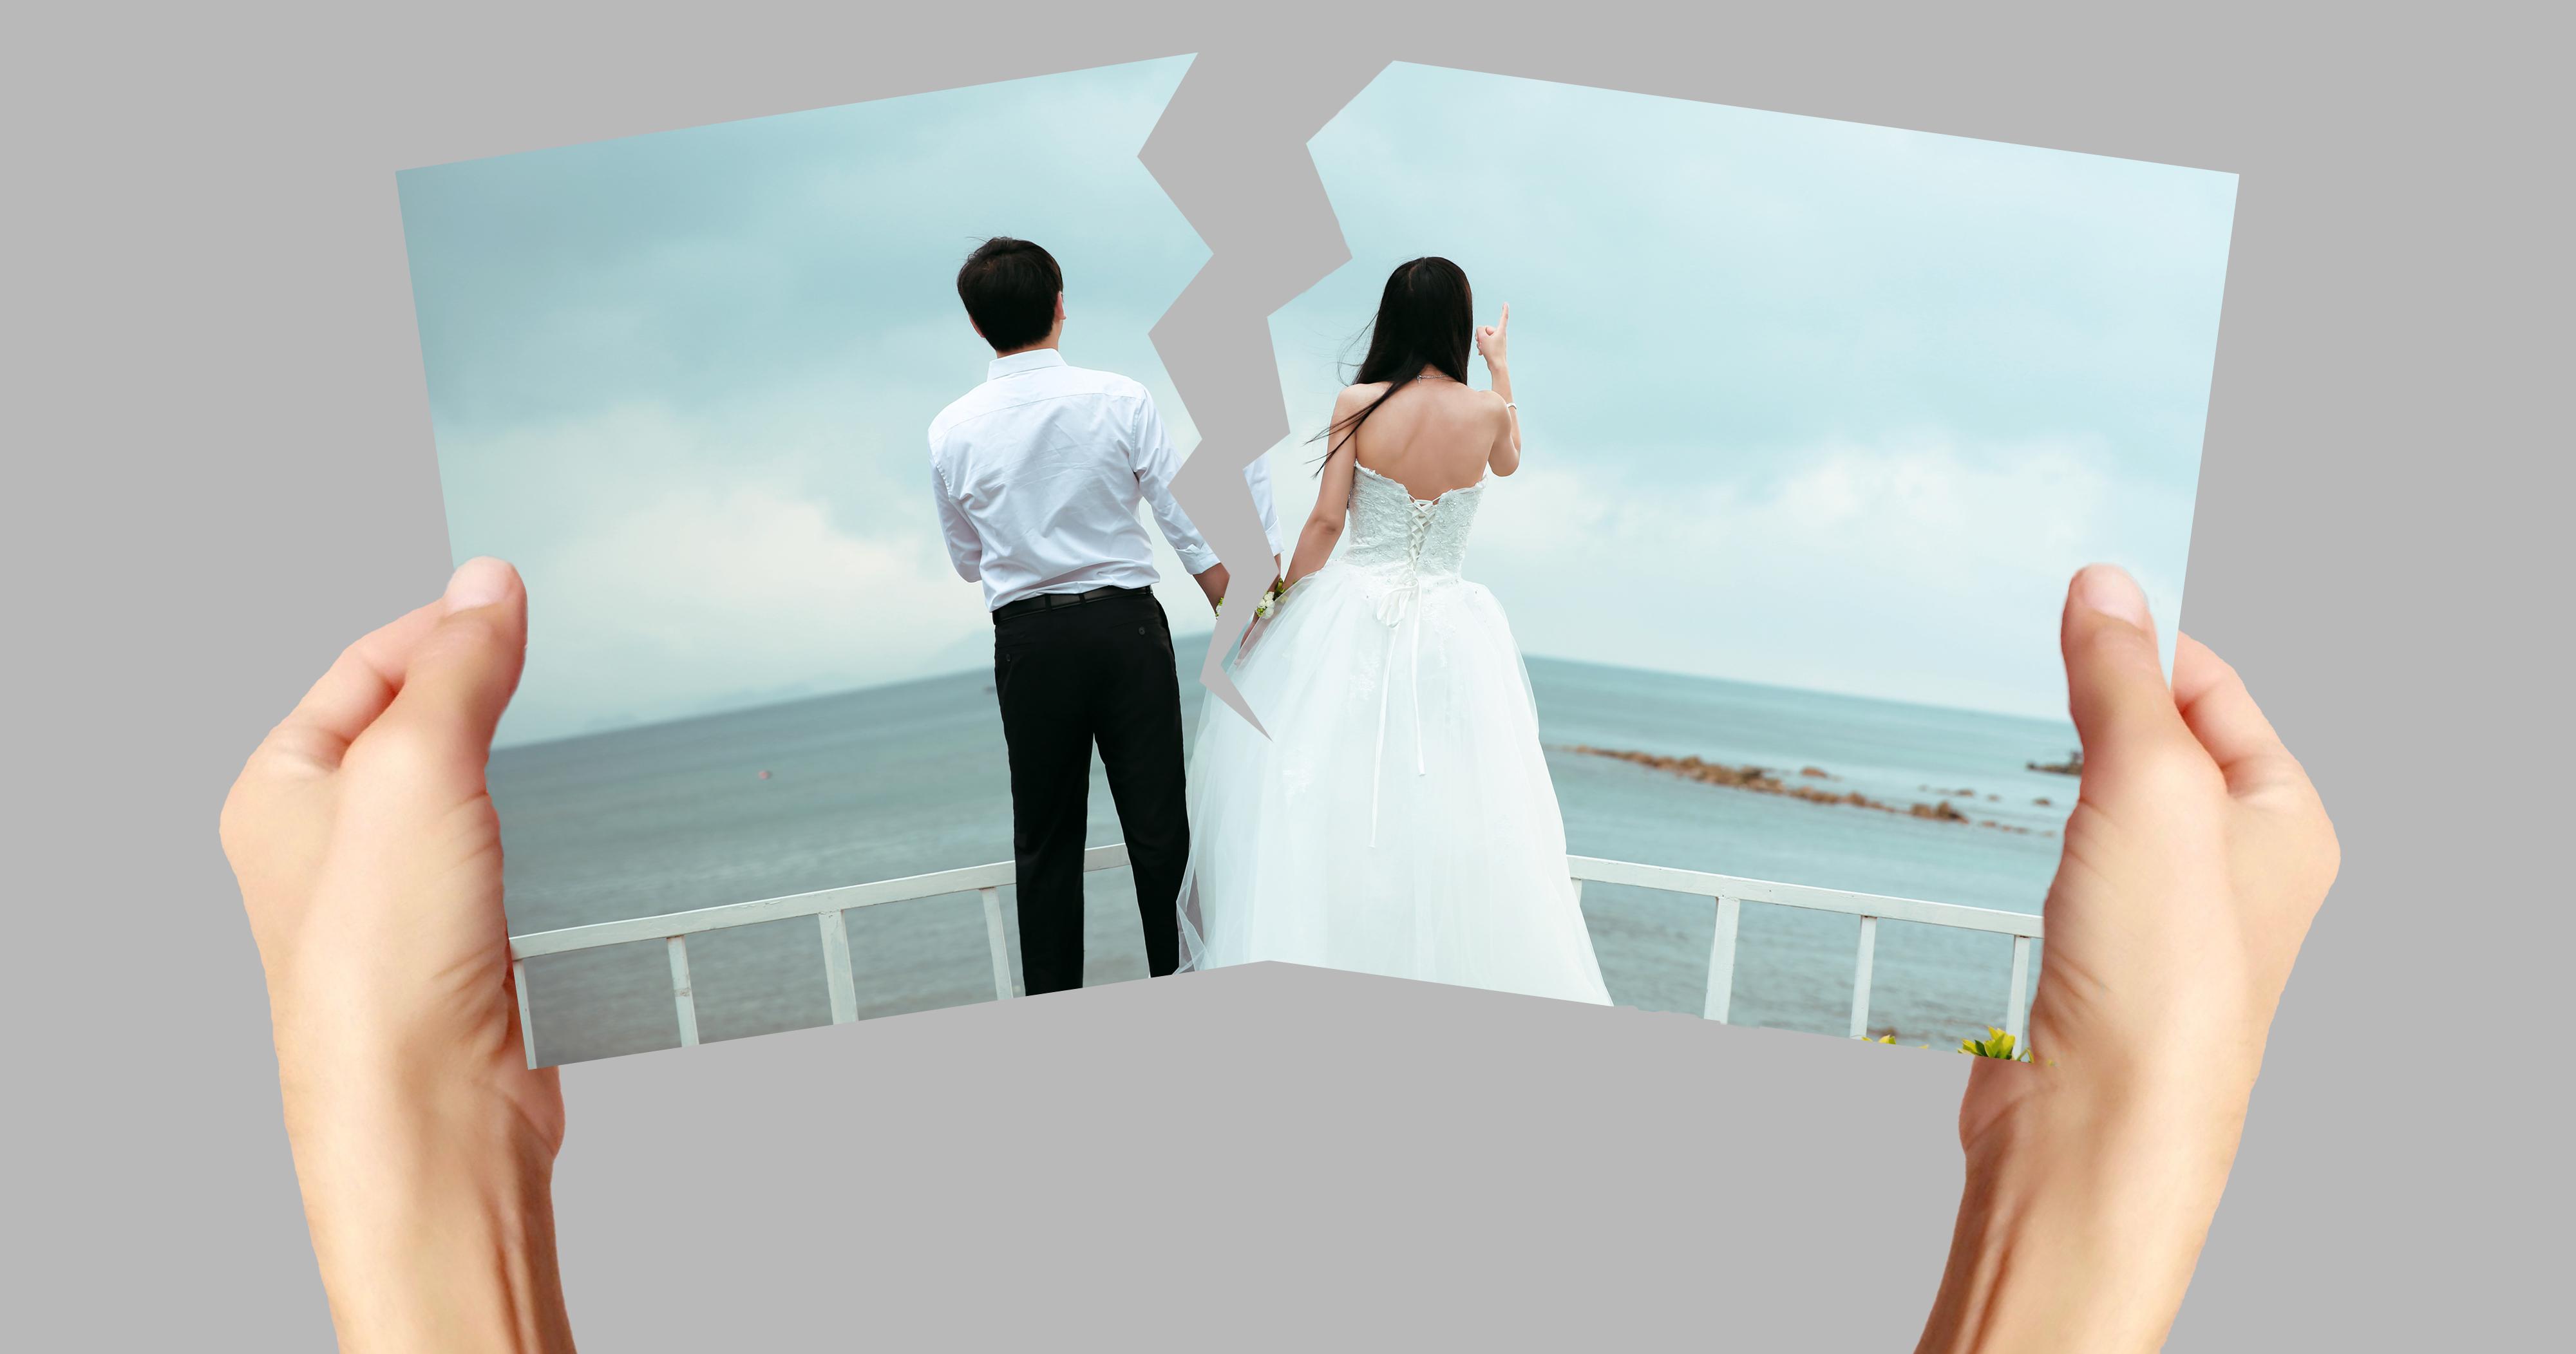 离婚与婚姻无效和可撤销婚姻的区别